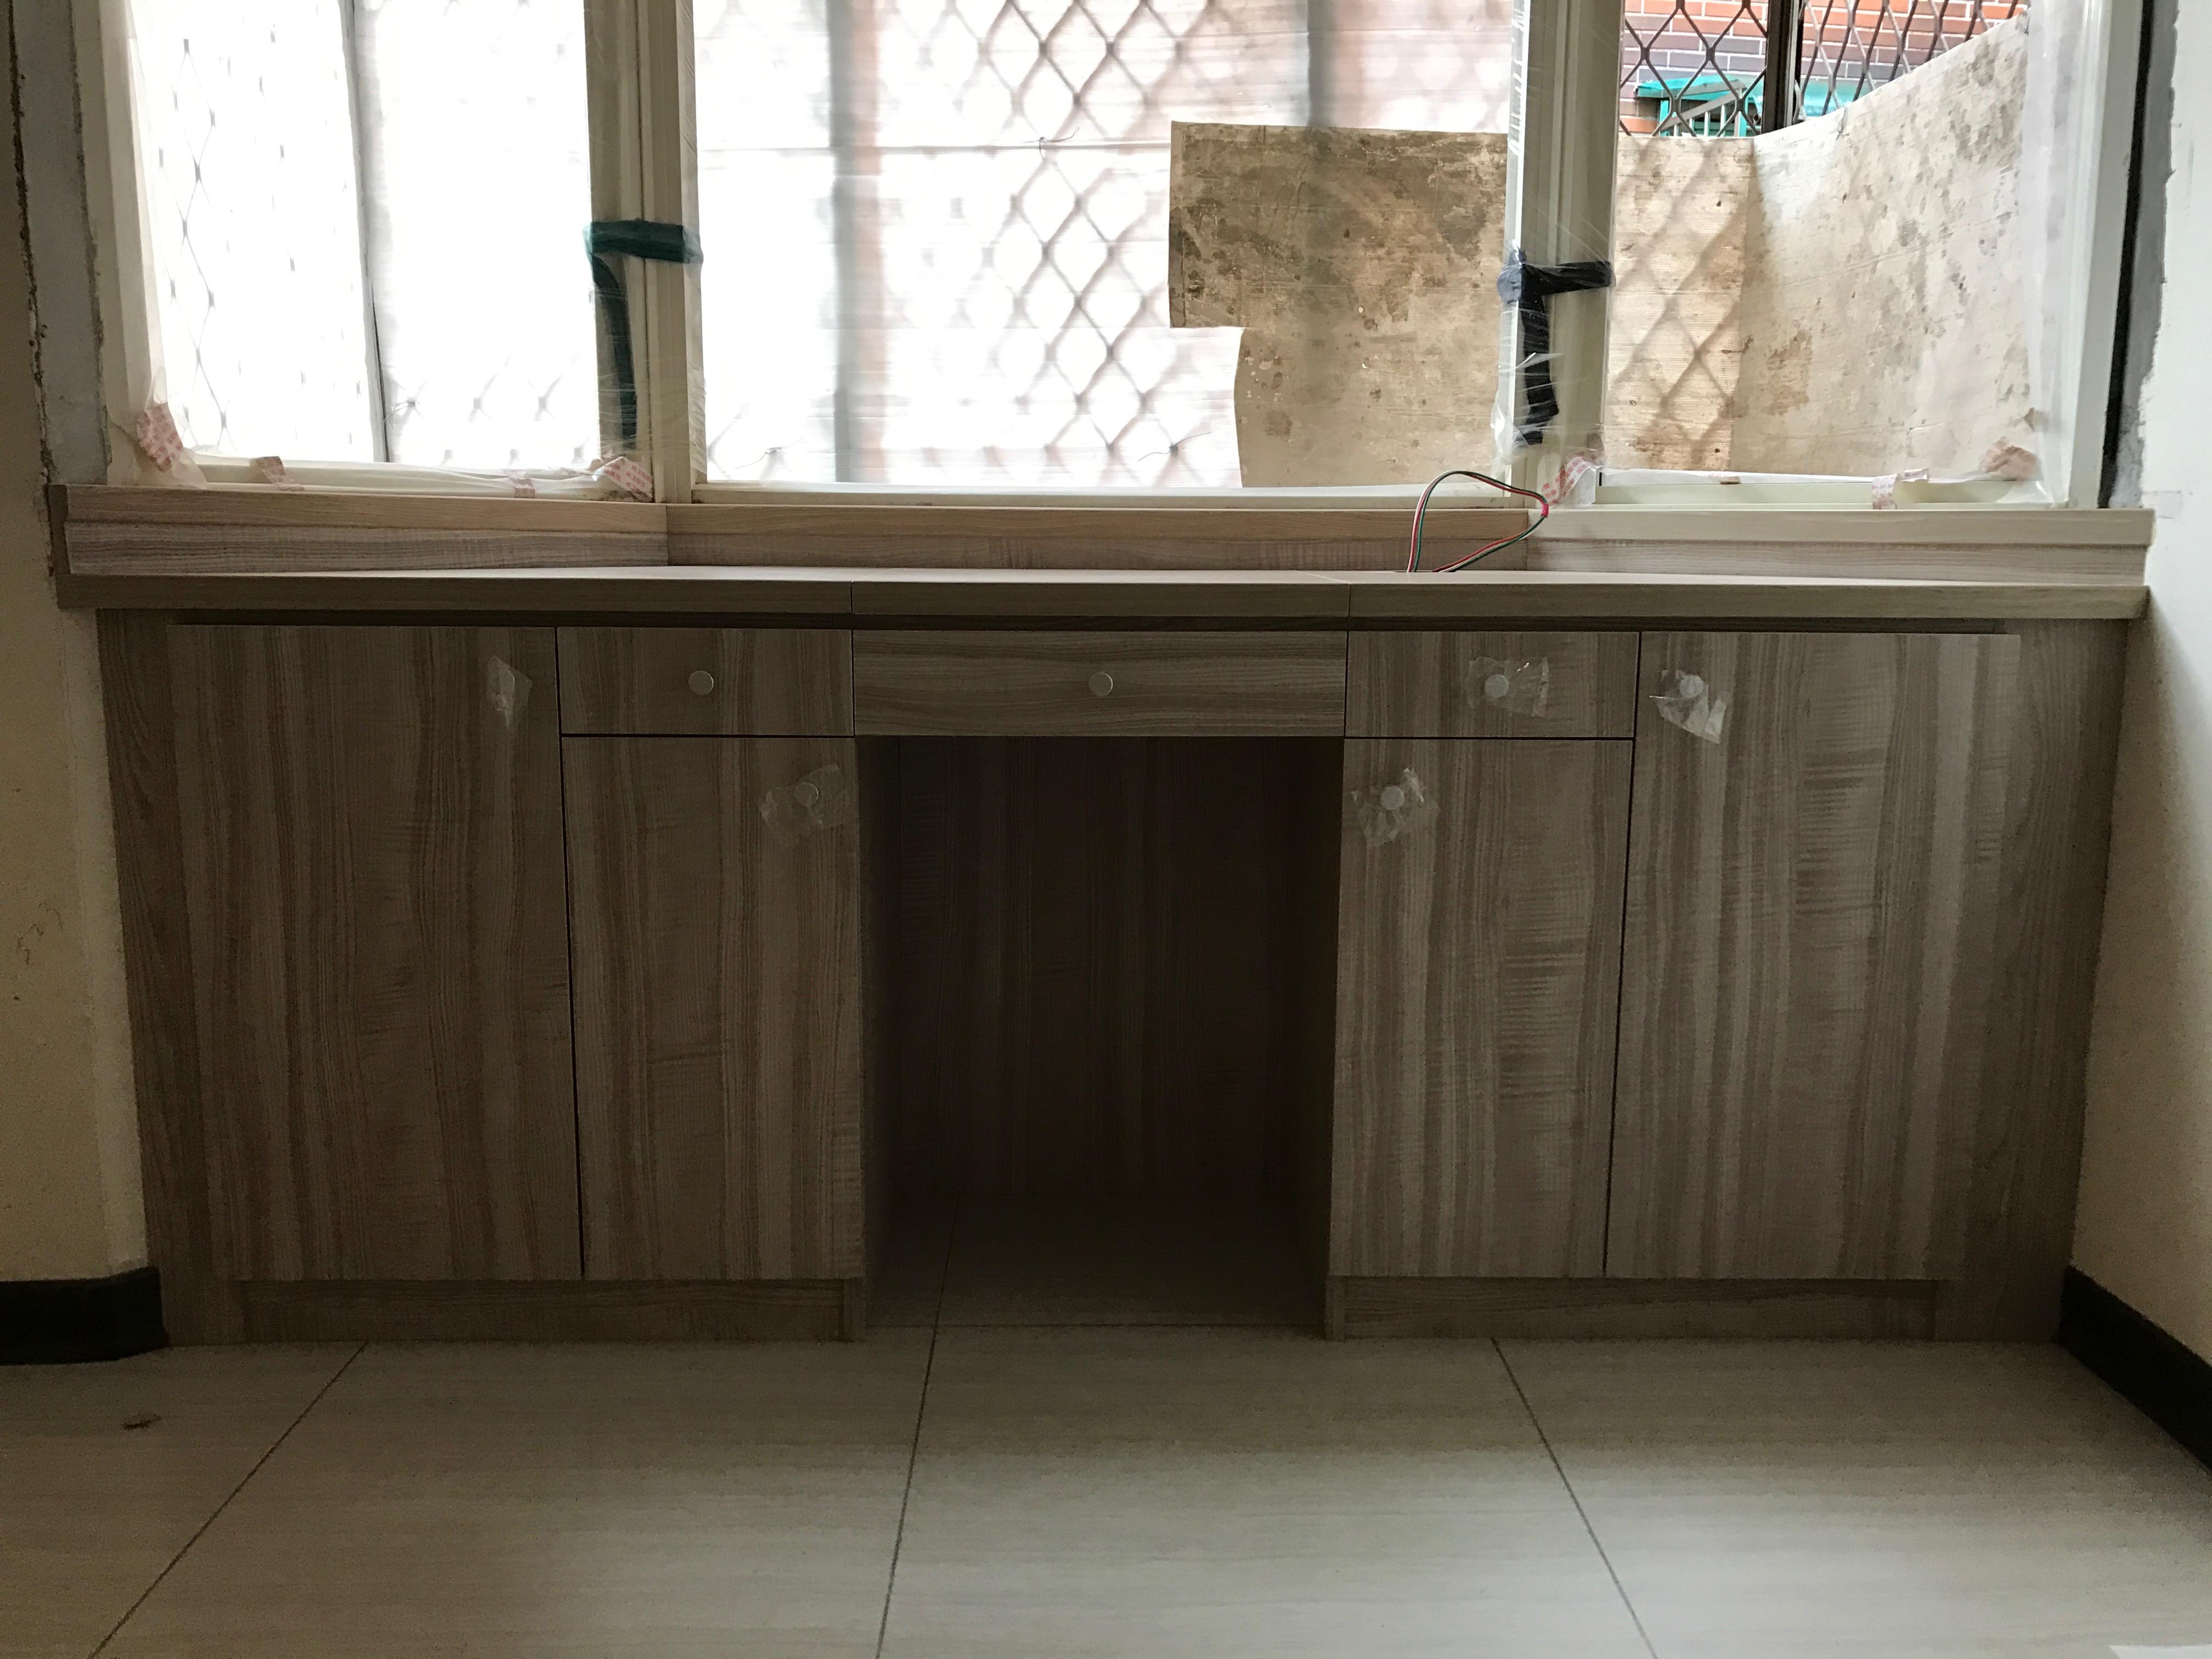 台北市住家室內裝潢衣櫃系統櫃木工 (3)